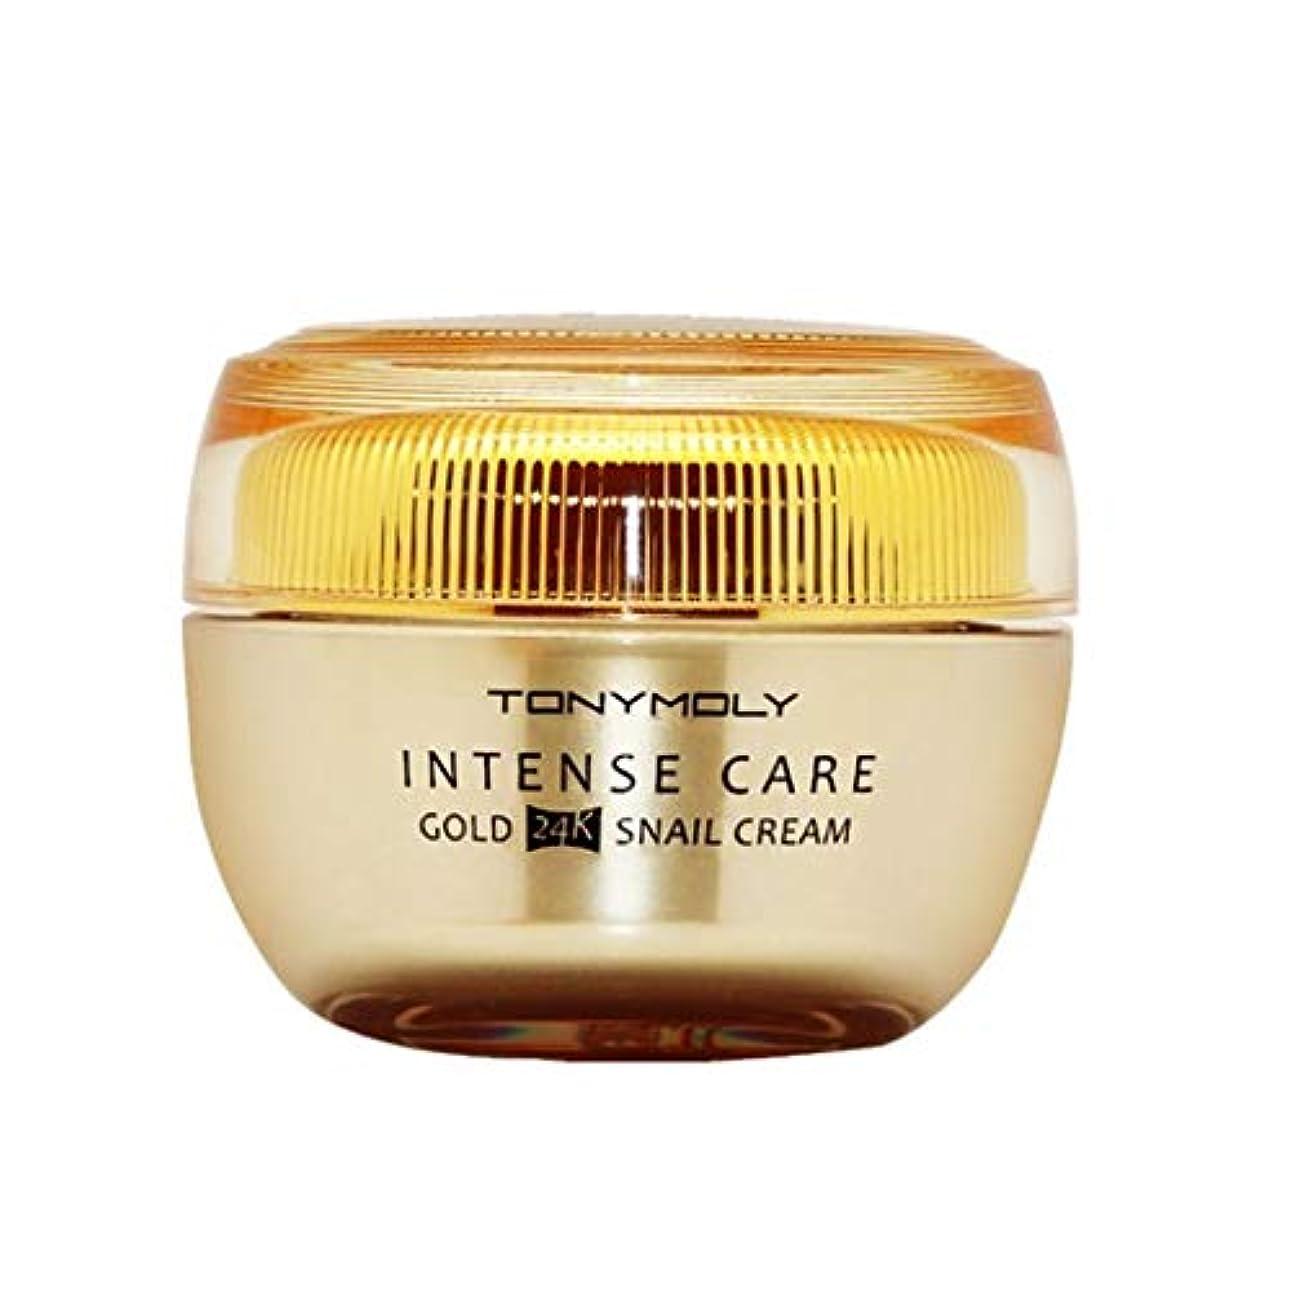 ラッシュ喜ぶリビジョントニーモリーインテンスケアゴールド24Kスネールクリーム45ml x 2本セット美白、シワ改善クリーム、Tonymoly Intense Care Gold 24K Snail Cream 45ml x 2ea Set...